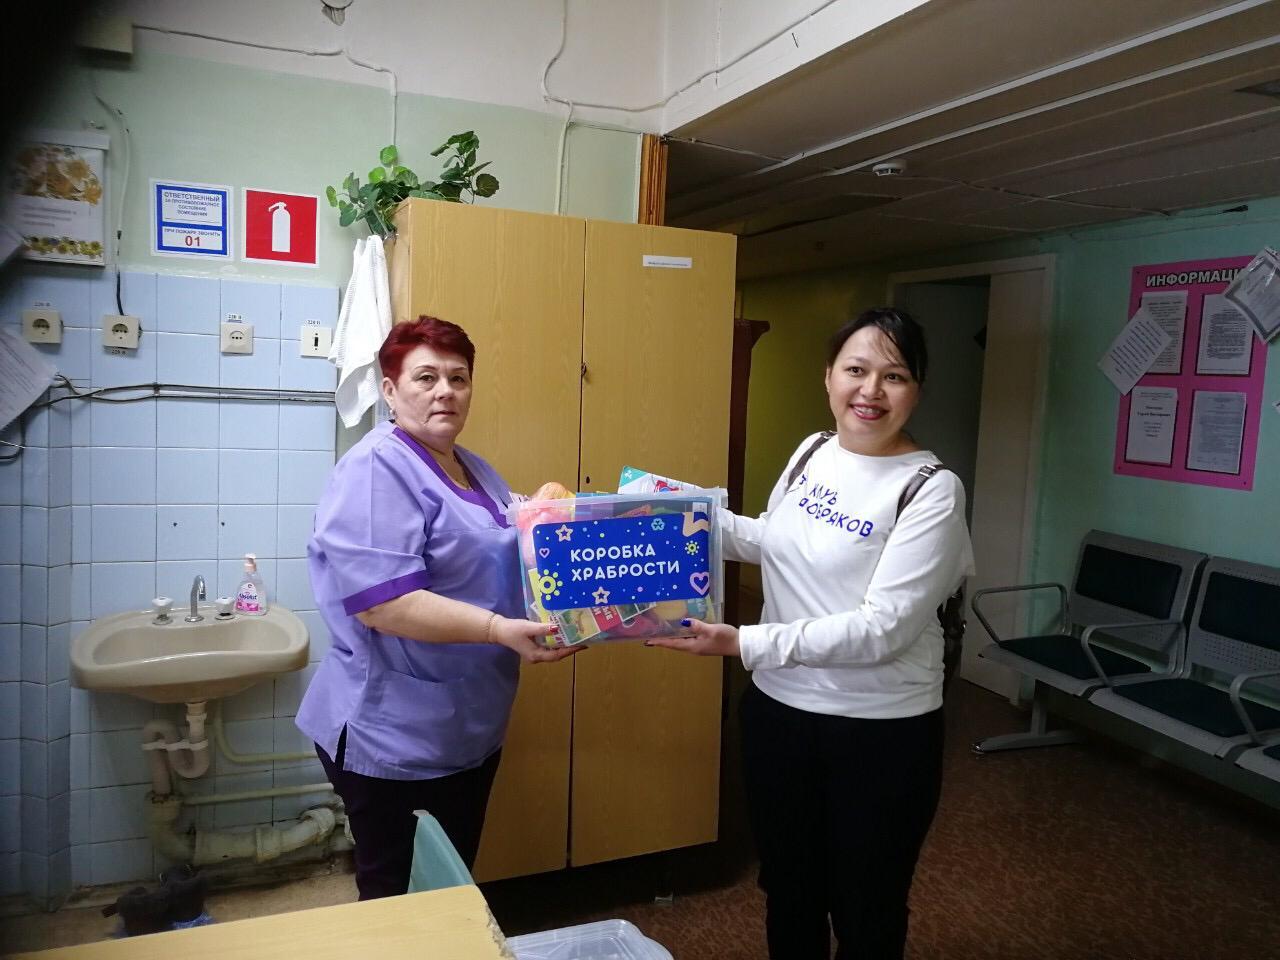 Еще одна коробка храбрости установлена в Ульяновске